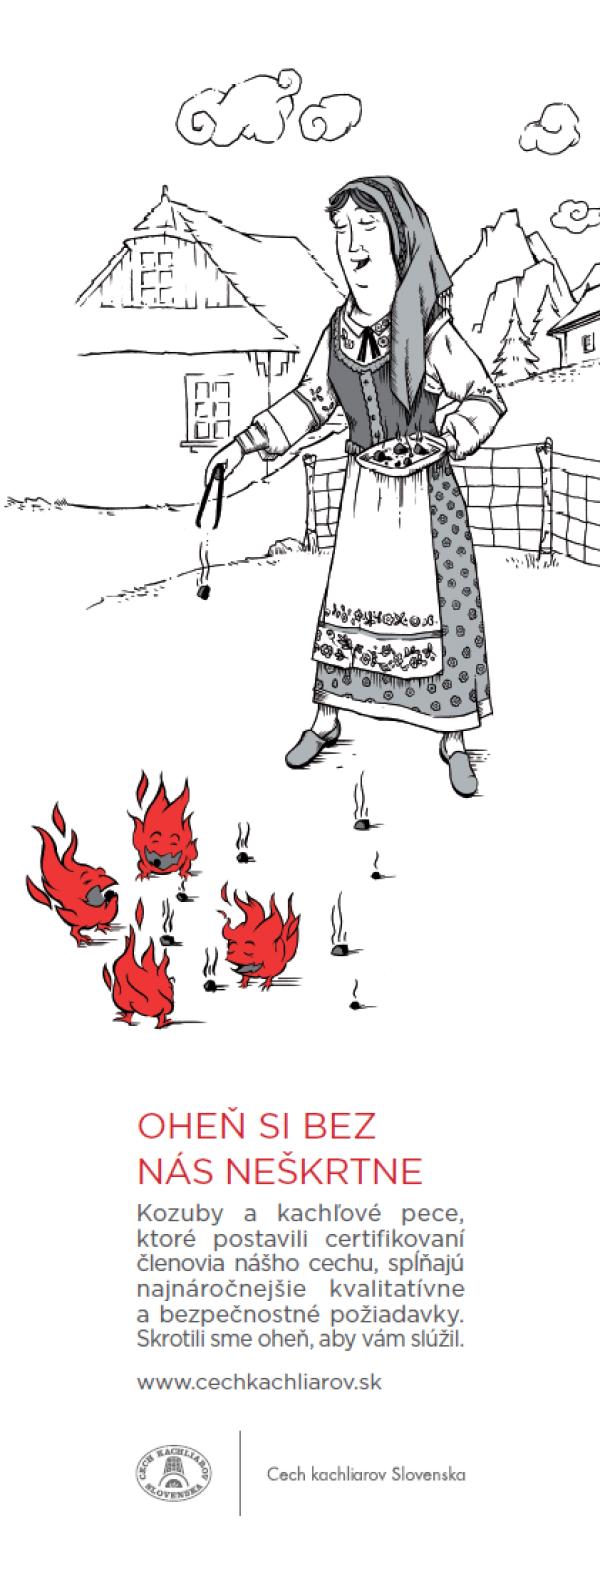 Oheň si bez nás neškrtne